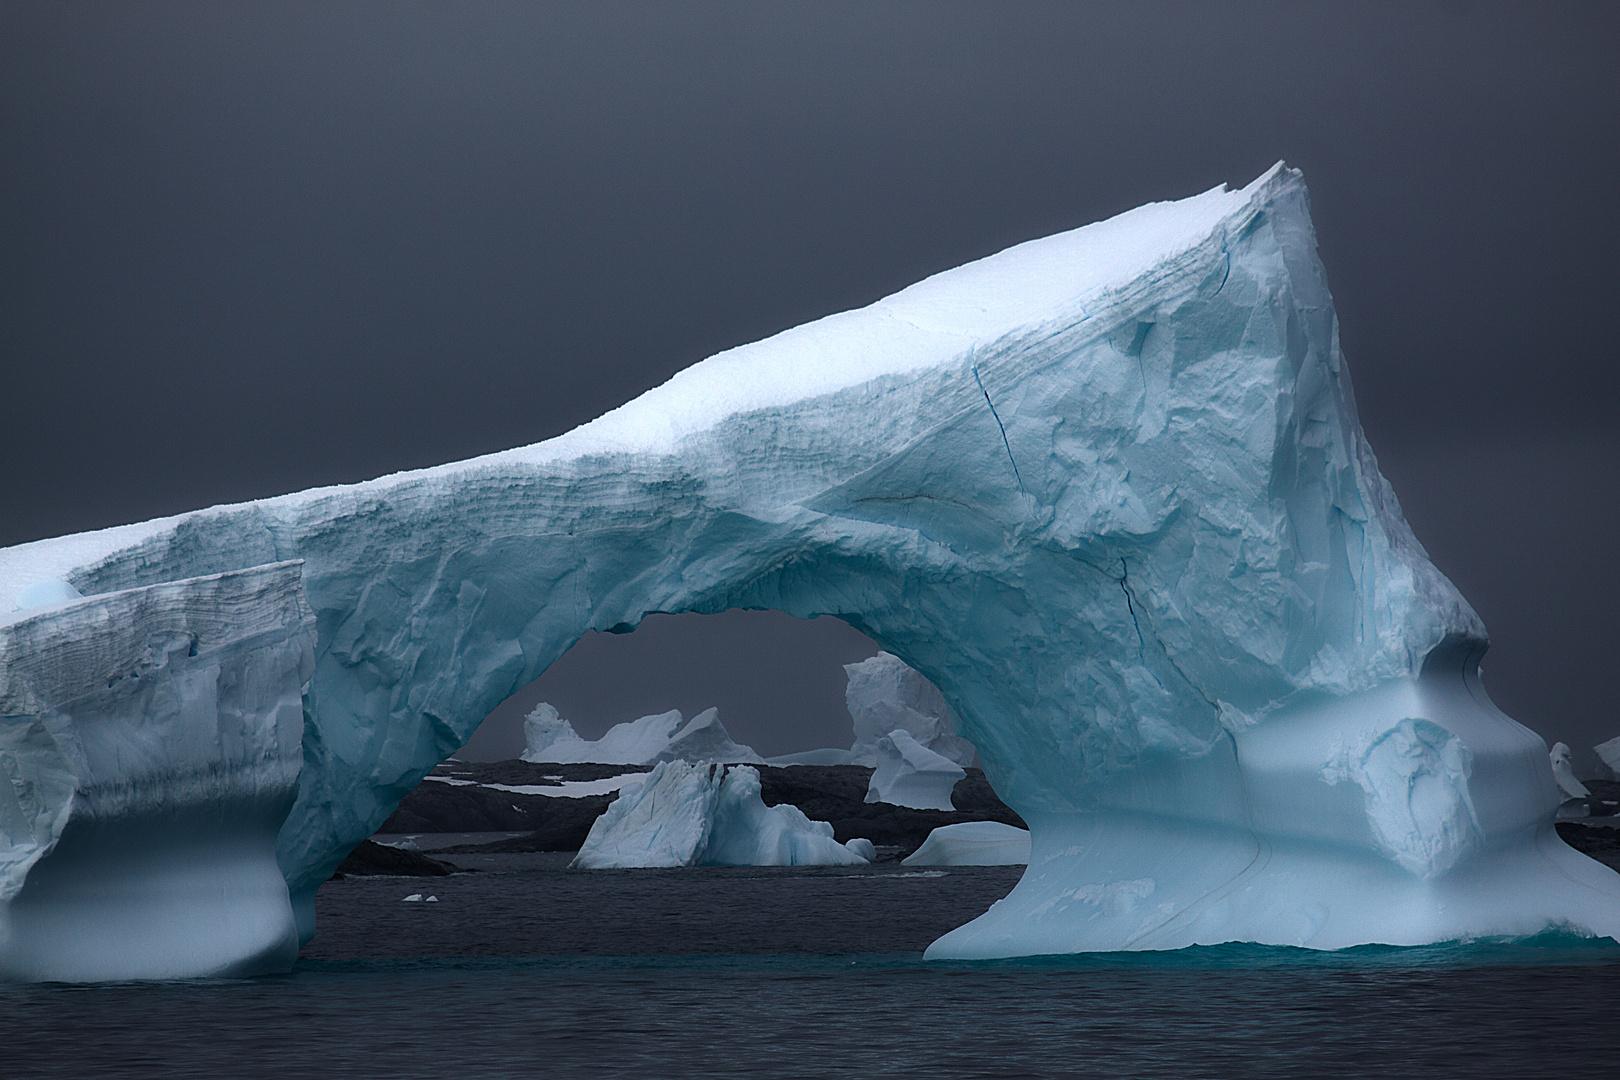 Eisberg in der Antarktis 2